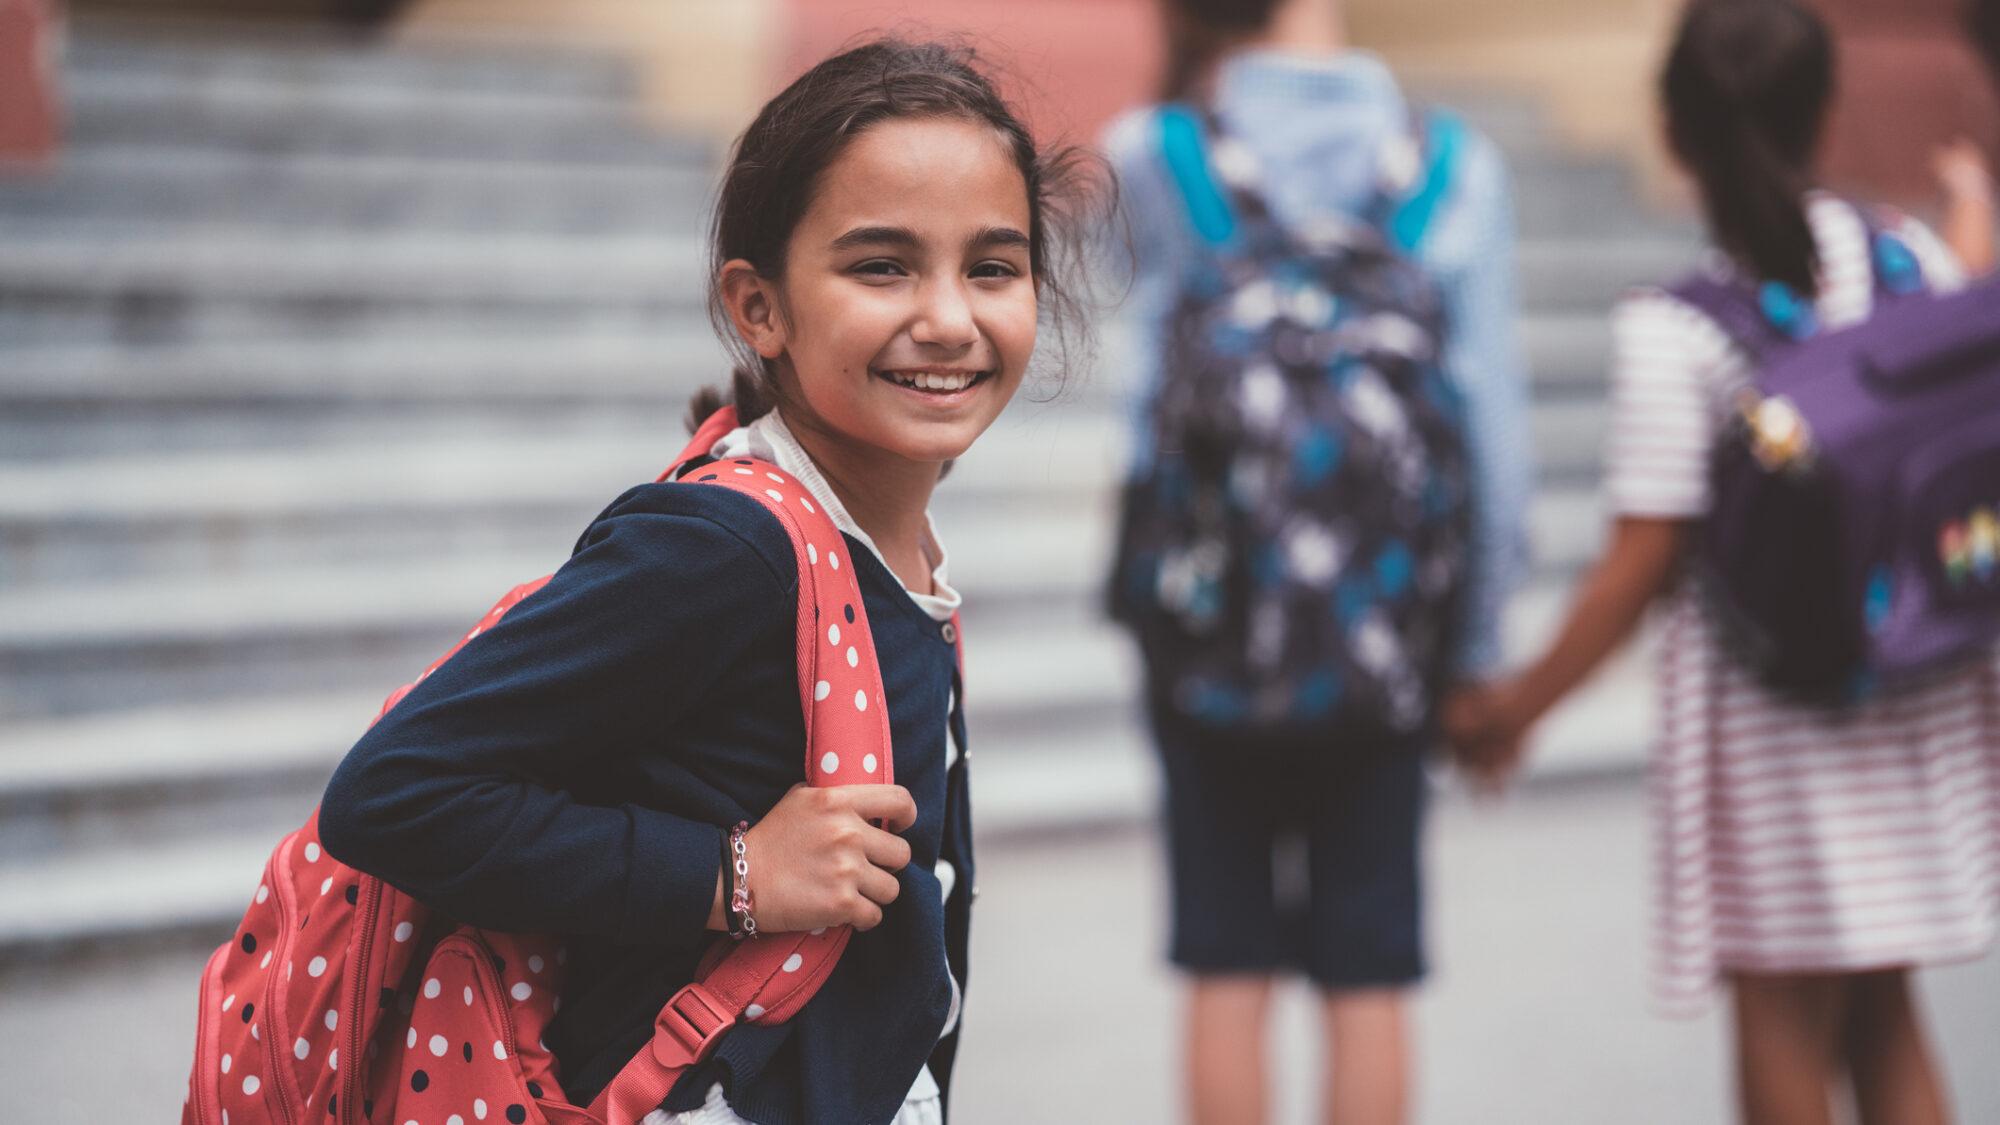 Mudança de escola: como ajudar o seu filho